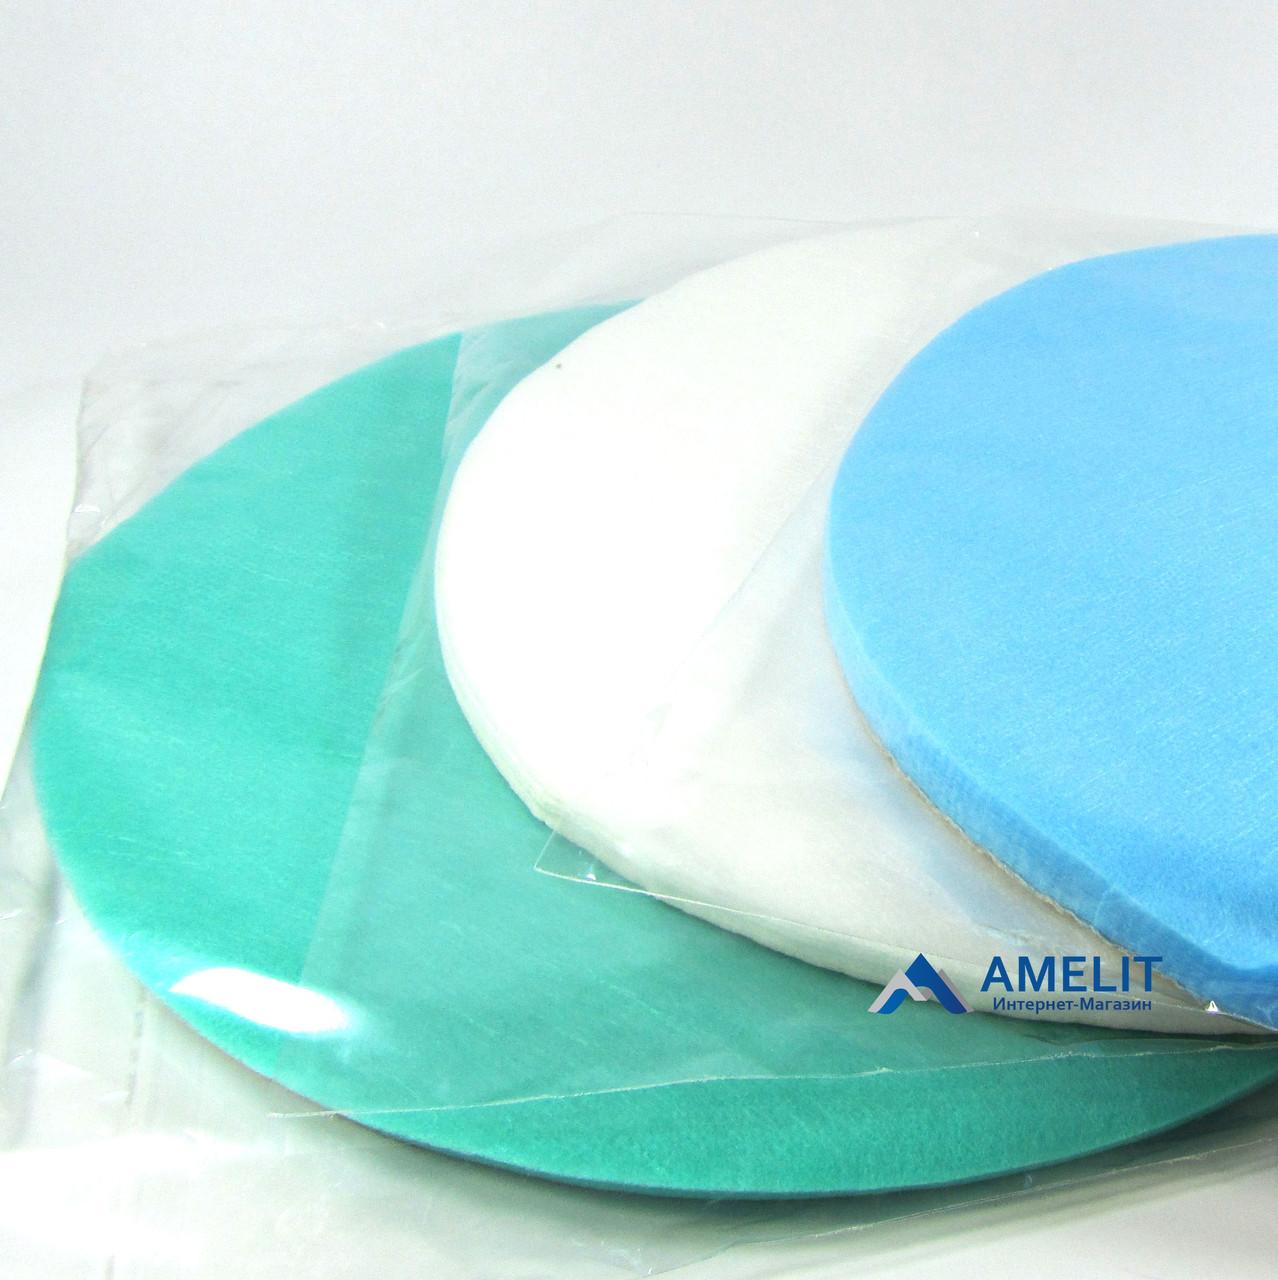 Салфетки-фильтры для плевательницы, одноразовые, 50шт./упак.